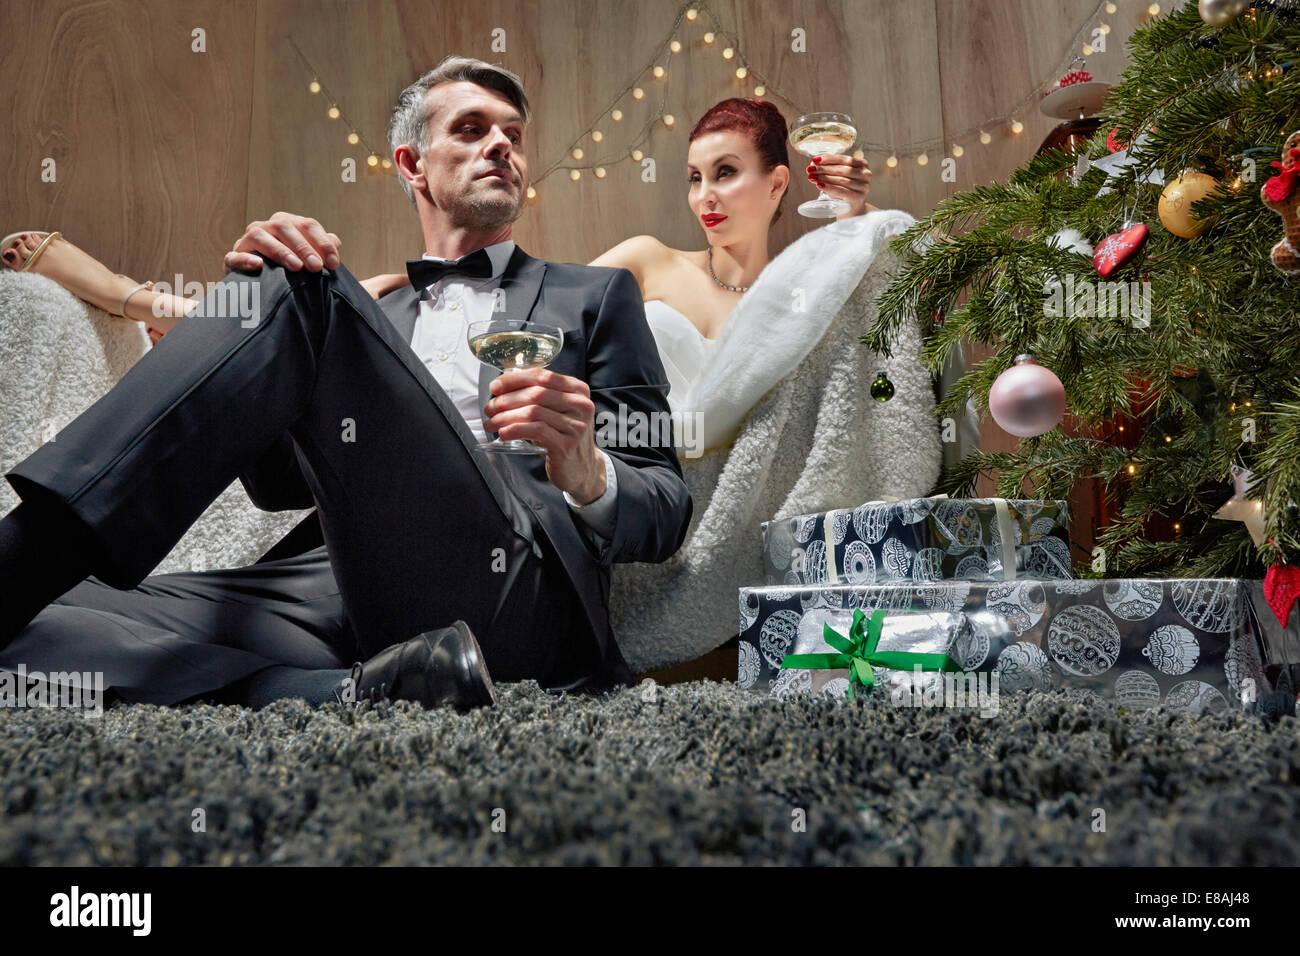 Mann und Frau am Weihnachtsbaum Stockbild